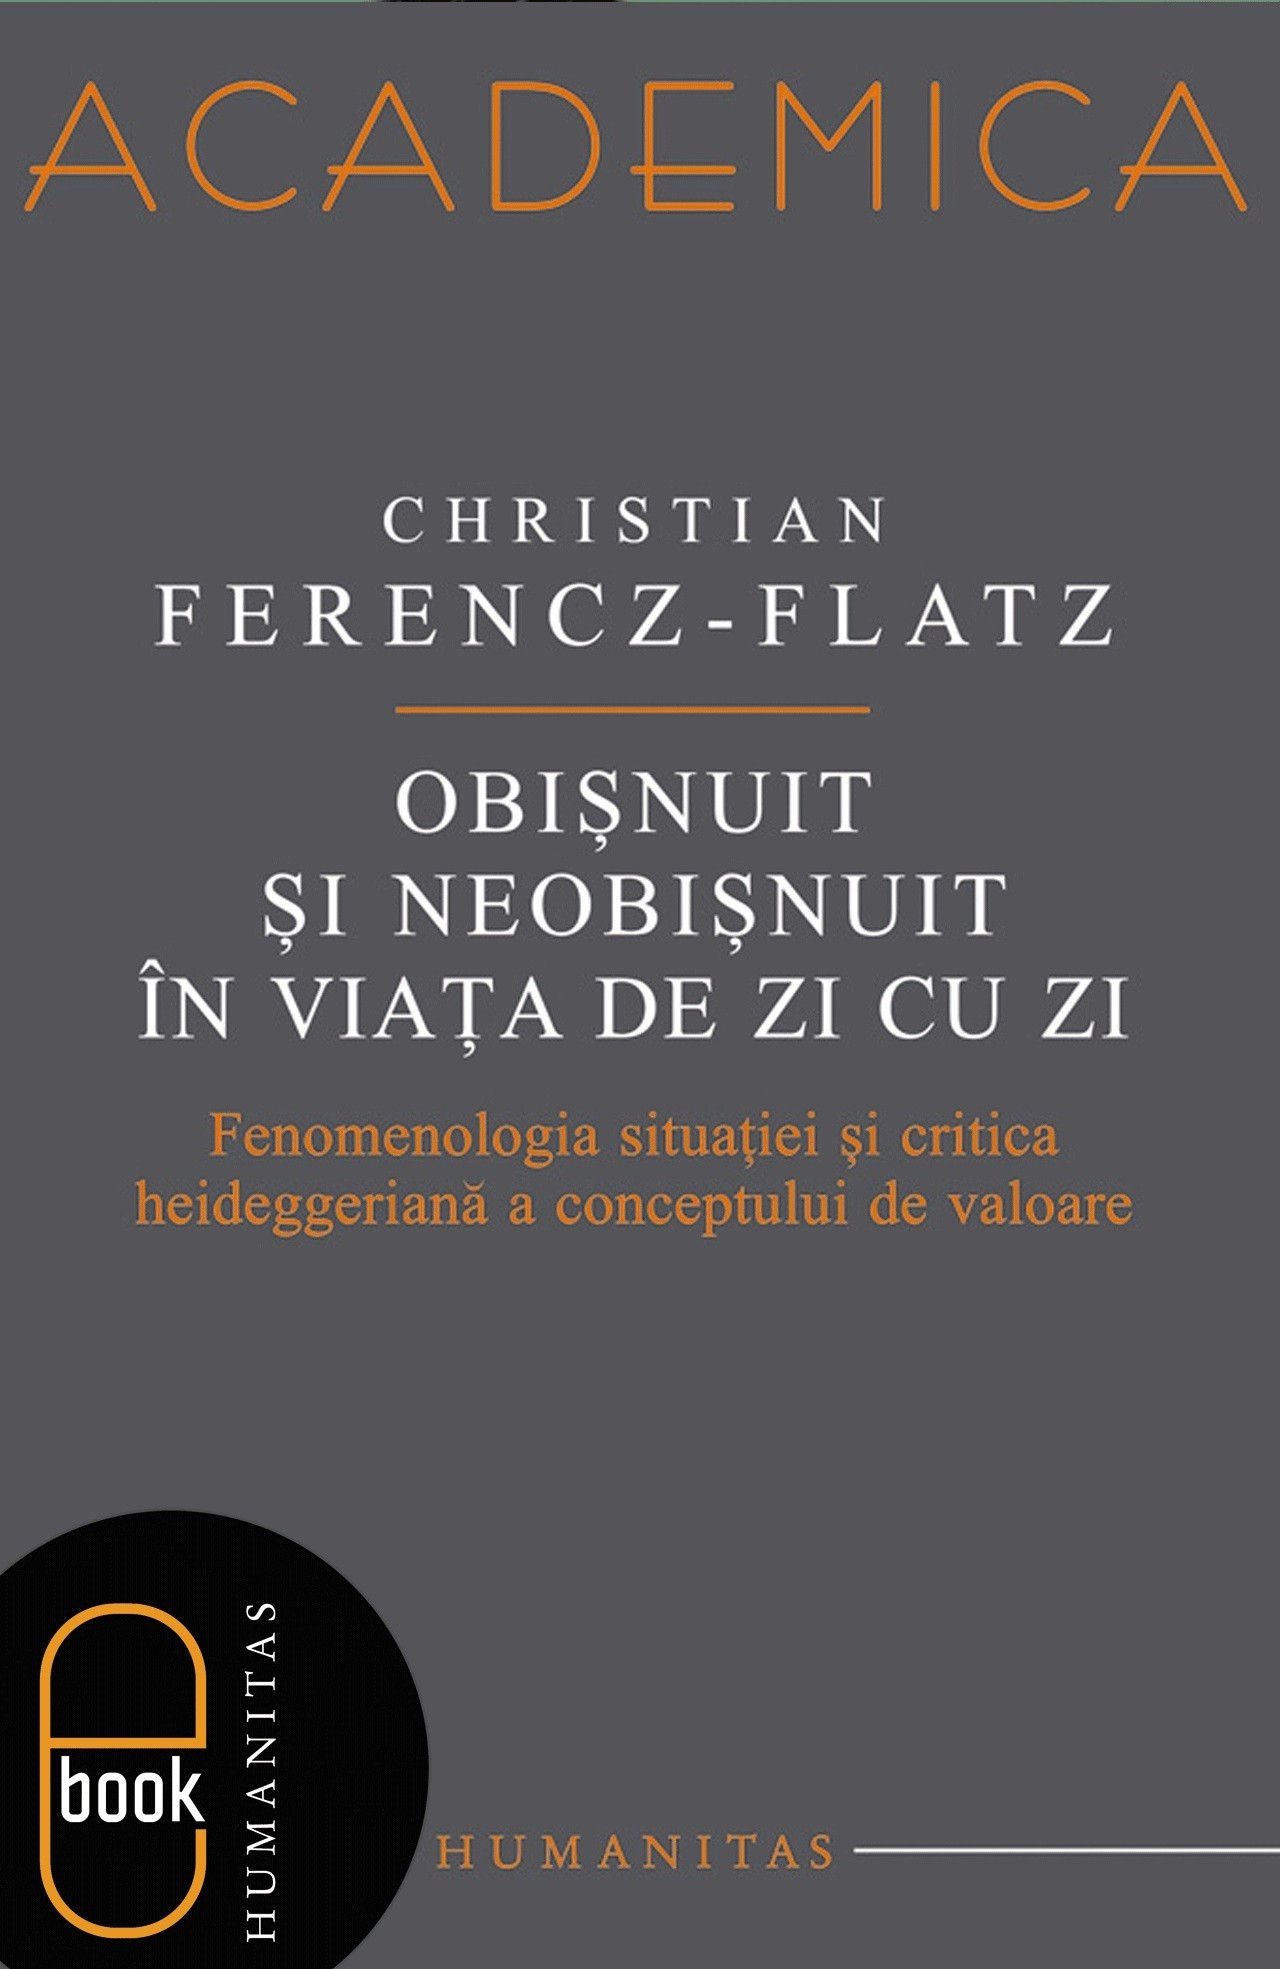 Obişnuit şi nebişnuit în viaţa de zi cu zi: fenomenologia situaţiei şi critica heideggeriană a conceptului de valoare  by  Christian Ferencz-Flatz